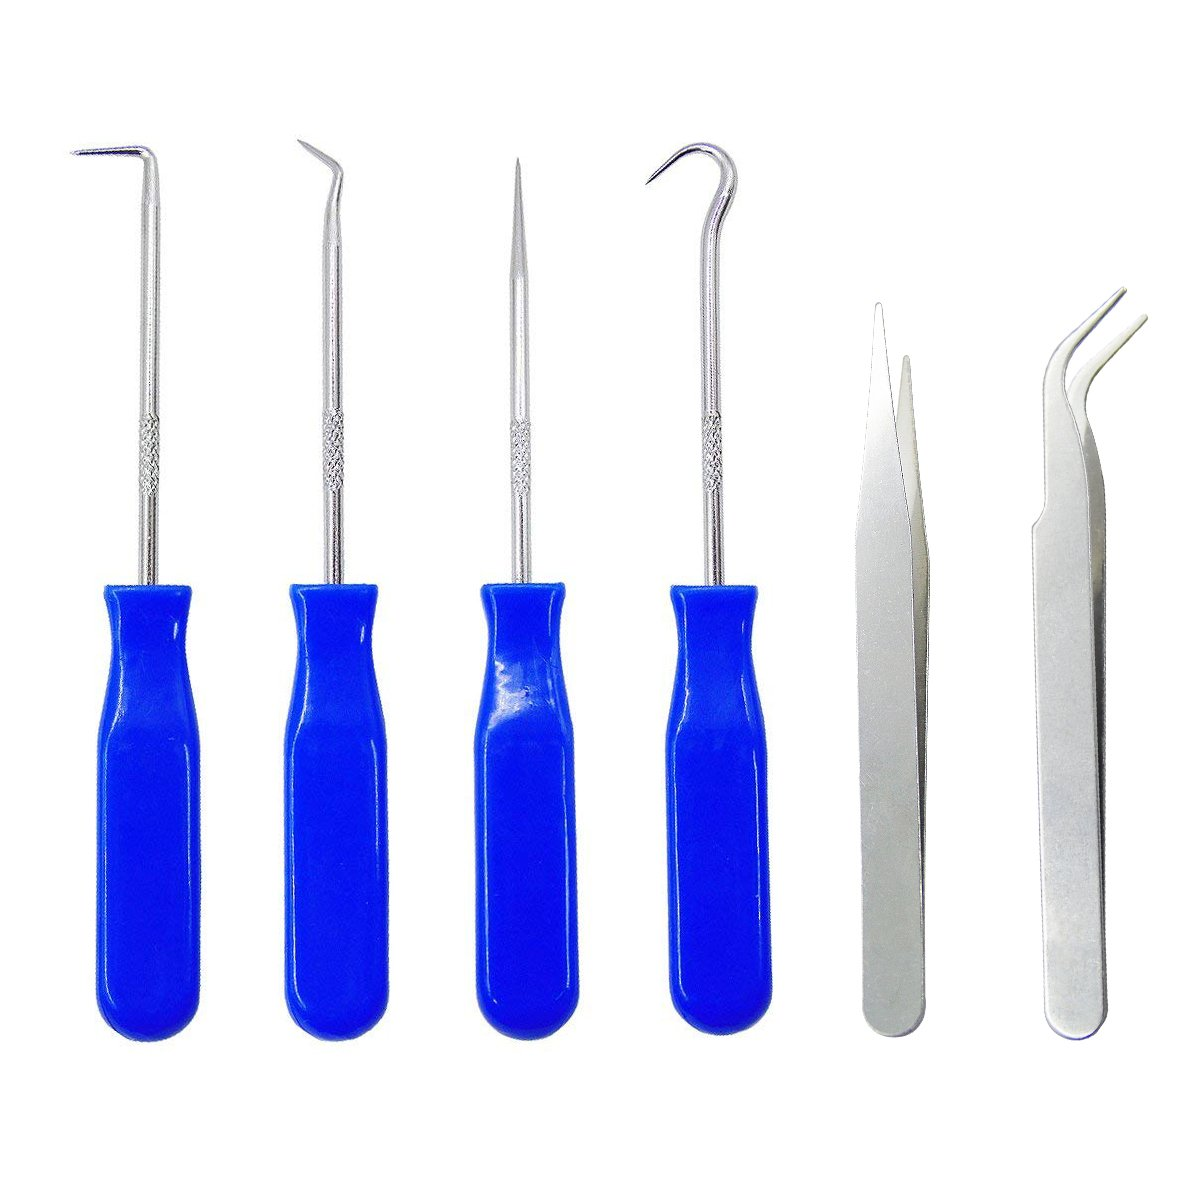 4 Packs Stainless Steel Precision Craft Vinyl Weeding Tools, Deep Blue